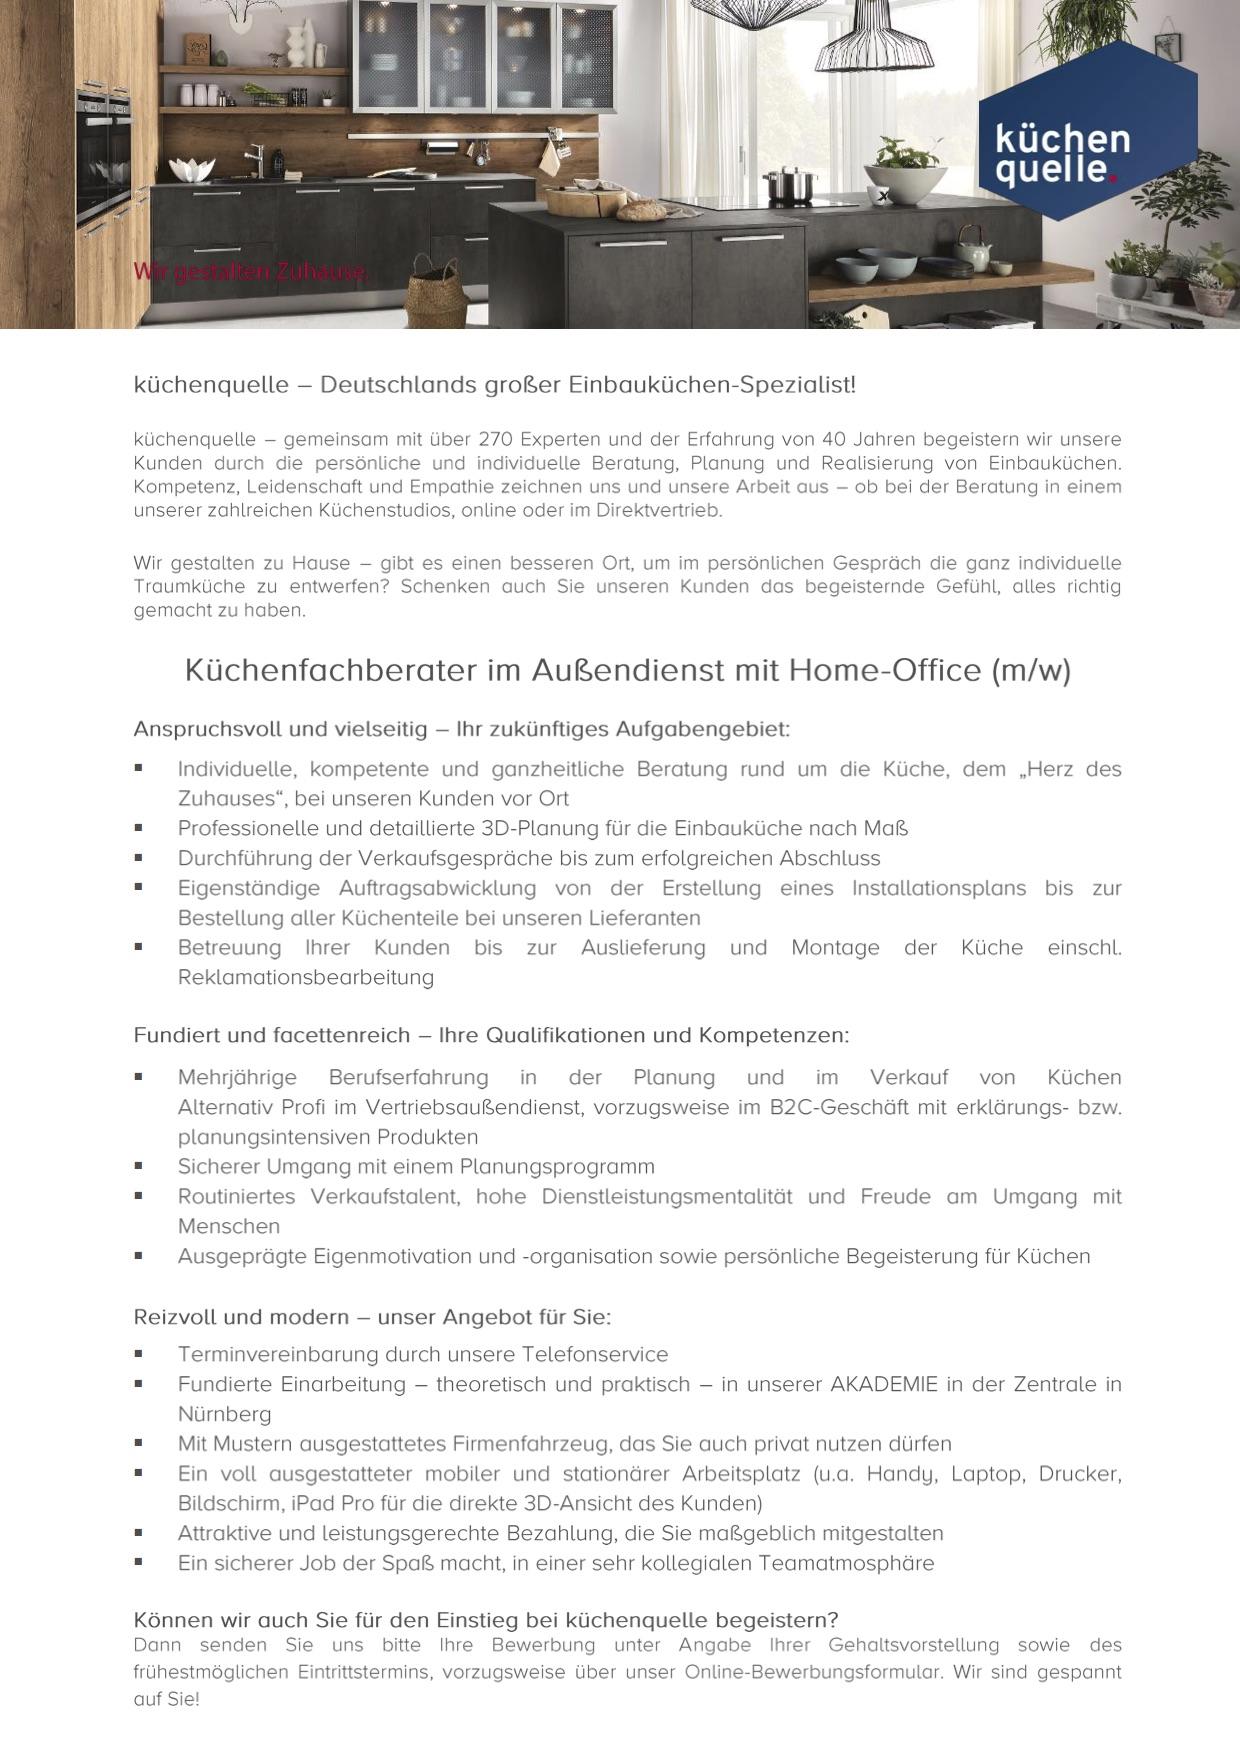 Kuchenfachberater Im Aussendienst Mit Home Office M W 180926 Mofa